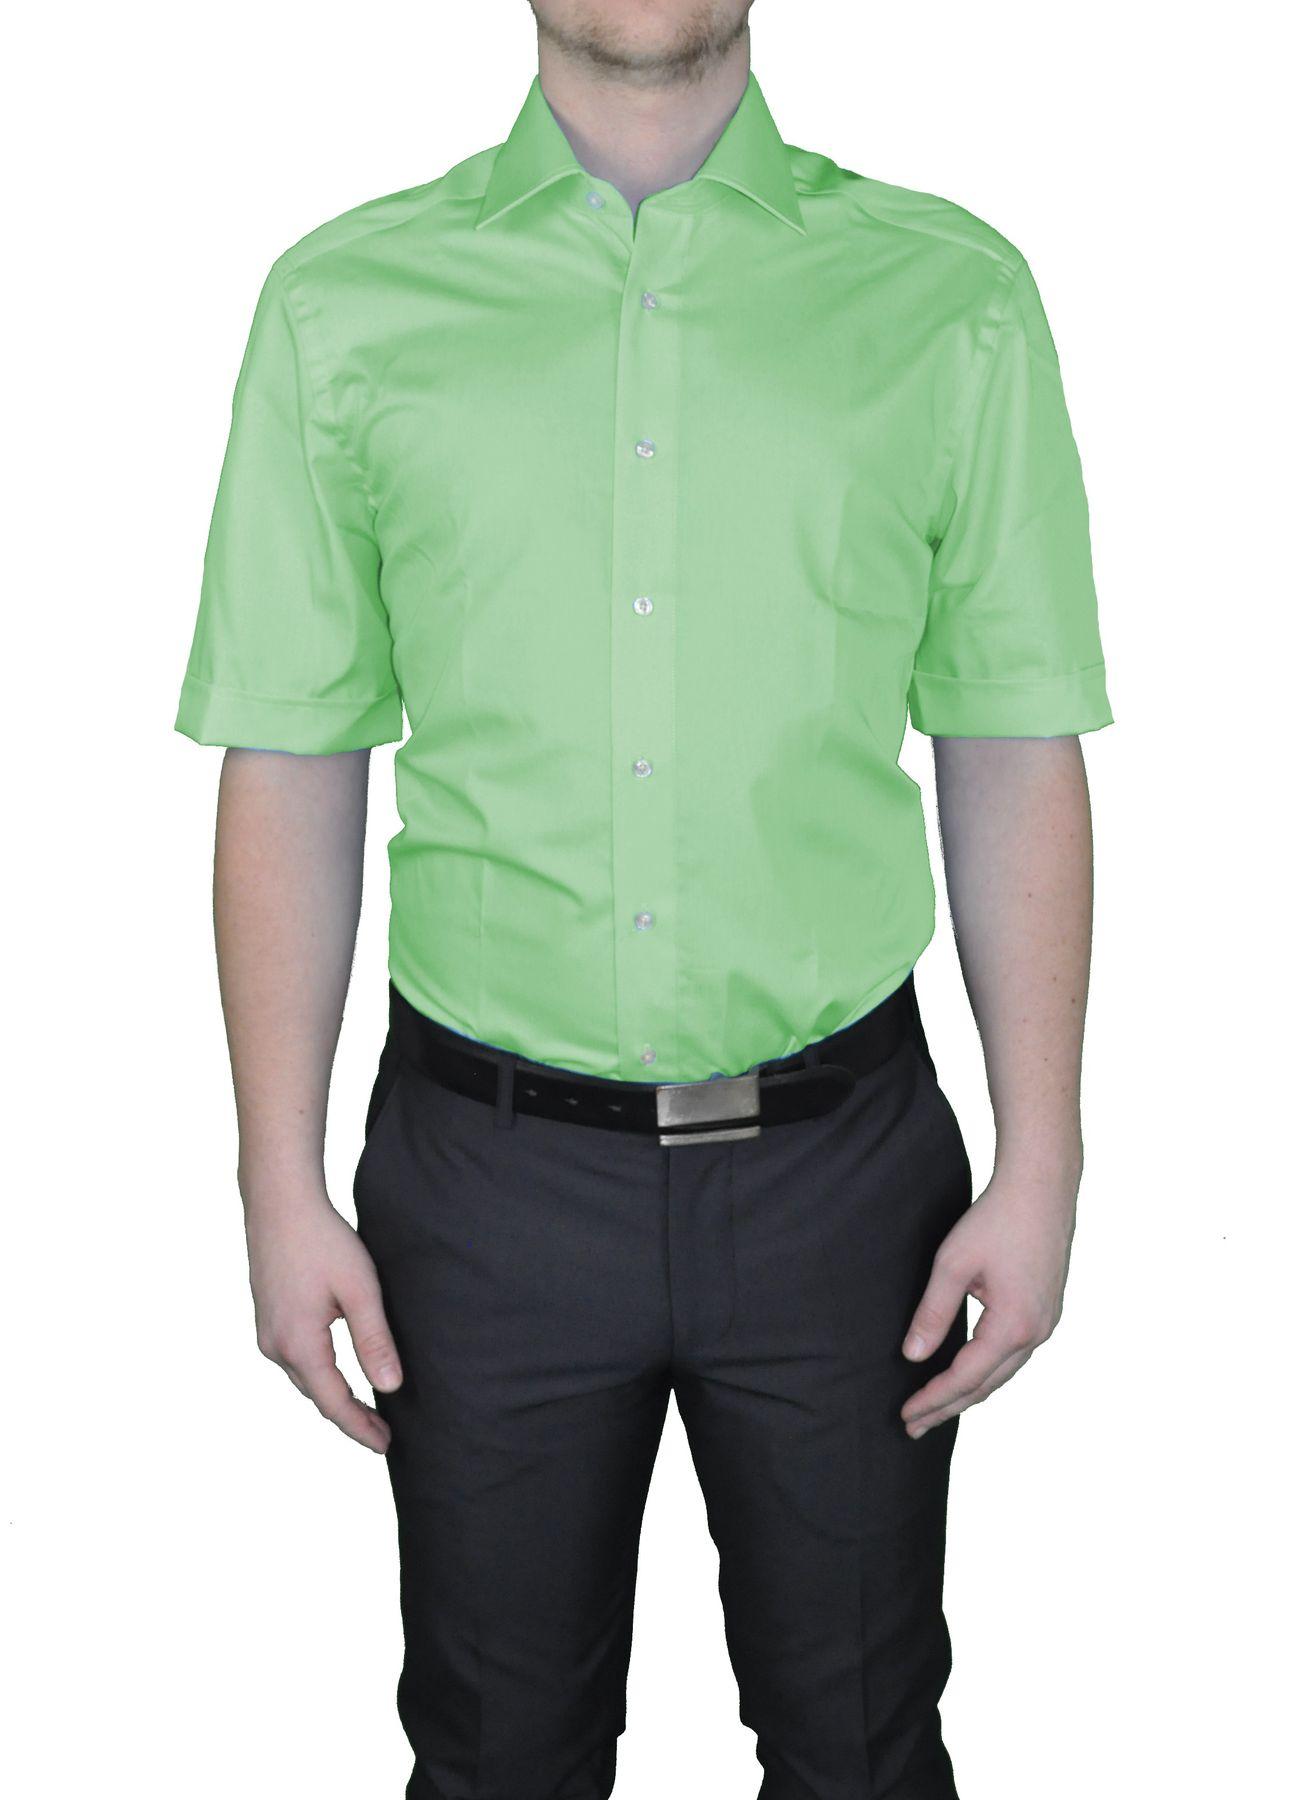 Bügelfreies Herren Kurzarm Hemd in verschiedenen Farben, Stil: BODY CUT, Marke REDMOND(150910 A) – Bild 18